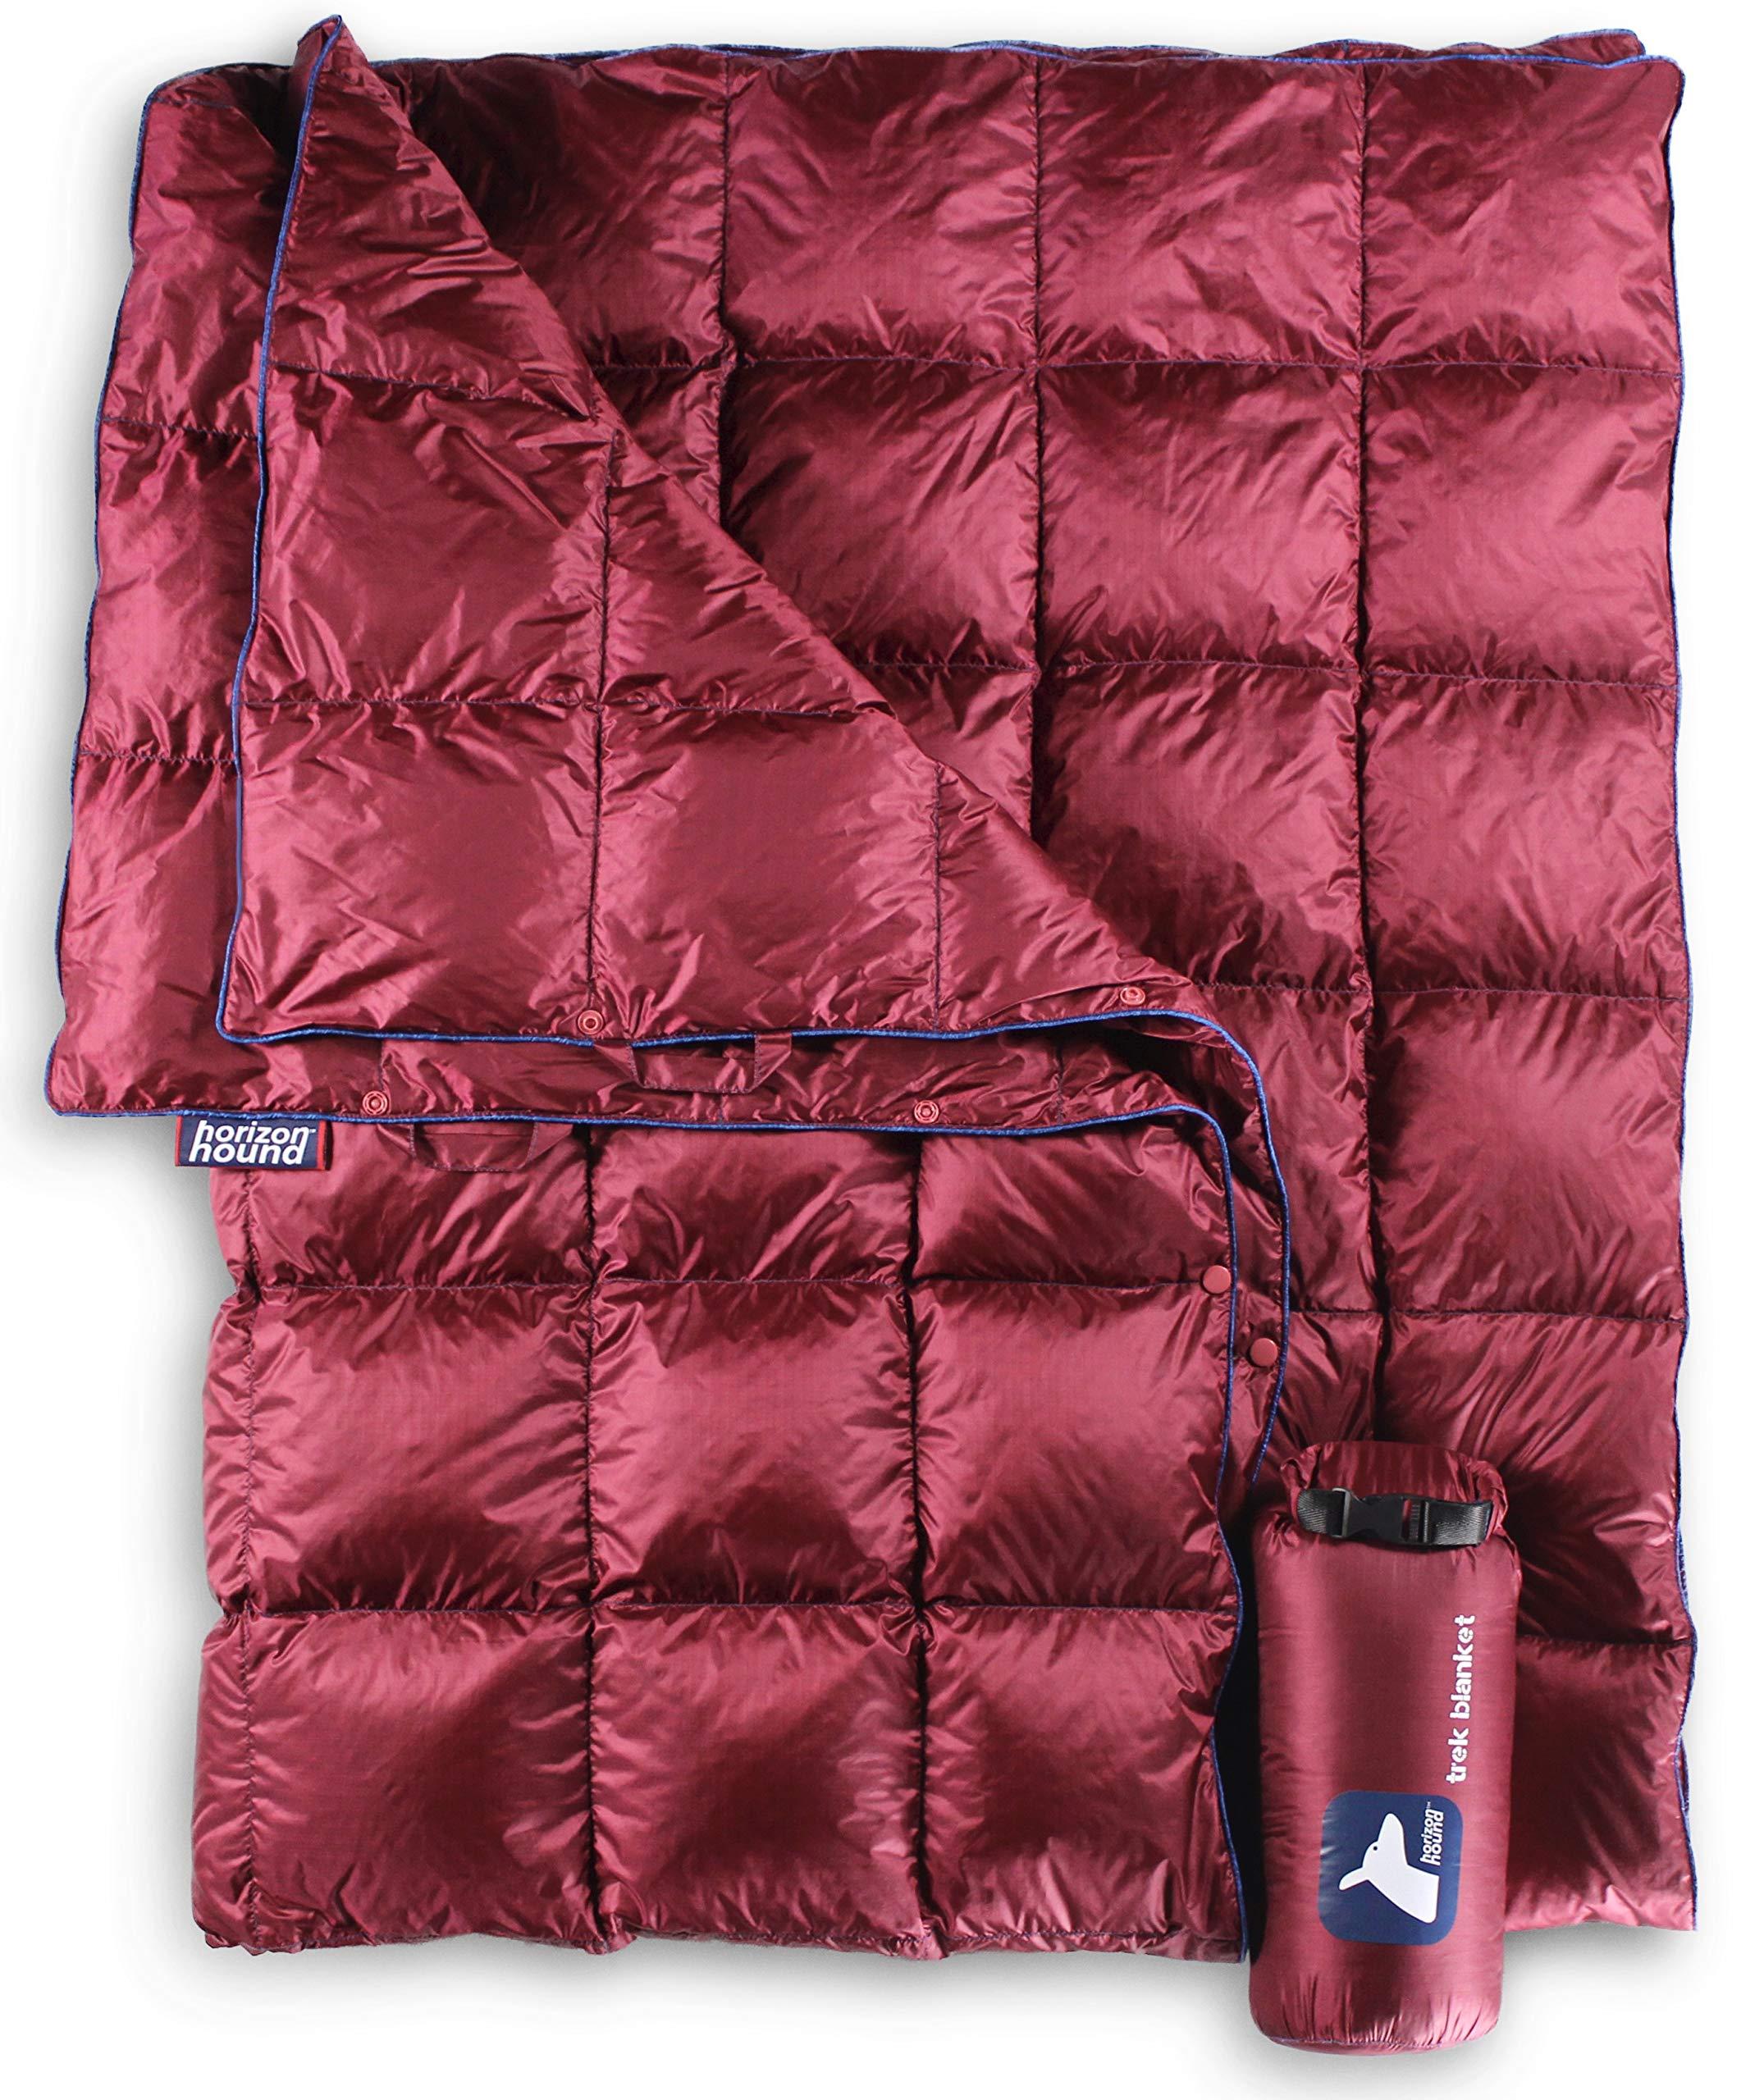 ویکالا · خرید  اصل اورجینال · خرید از آمازون · Horizon Hound Down Camping Blanket - Outdoor Lightweight Packable Down Blanket Compact Waterproof and Warm for Camping Hiking Travel - 650 Fill Power (Red, 80 x 54) wekala · ویکالا